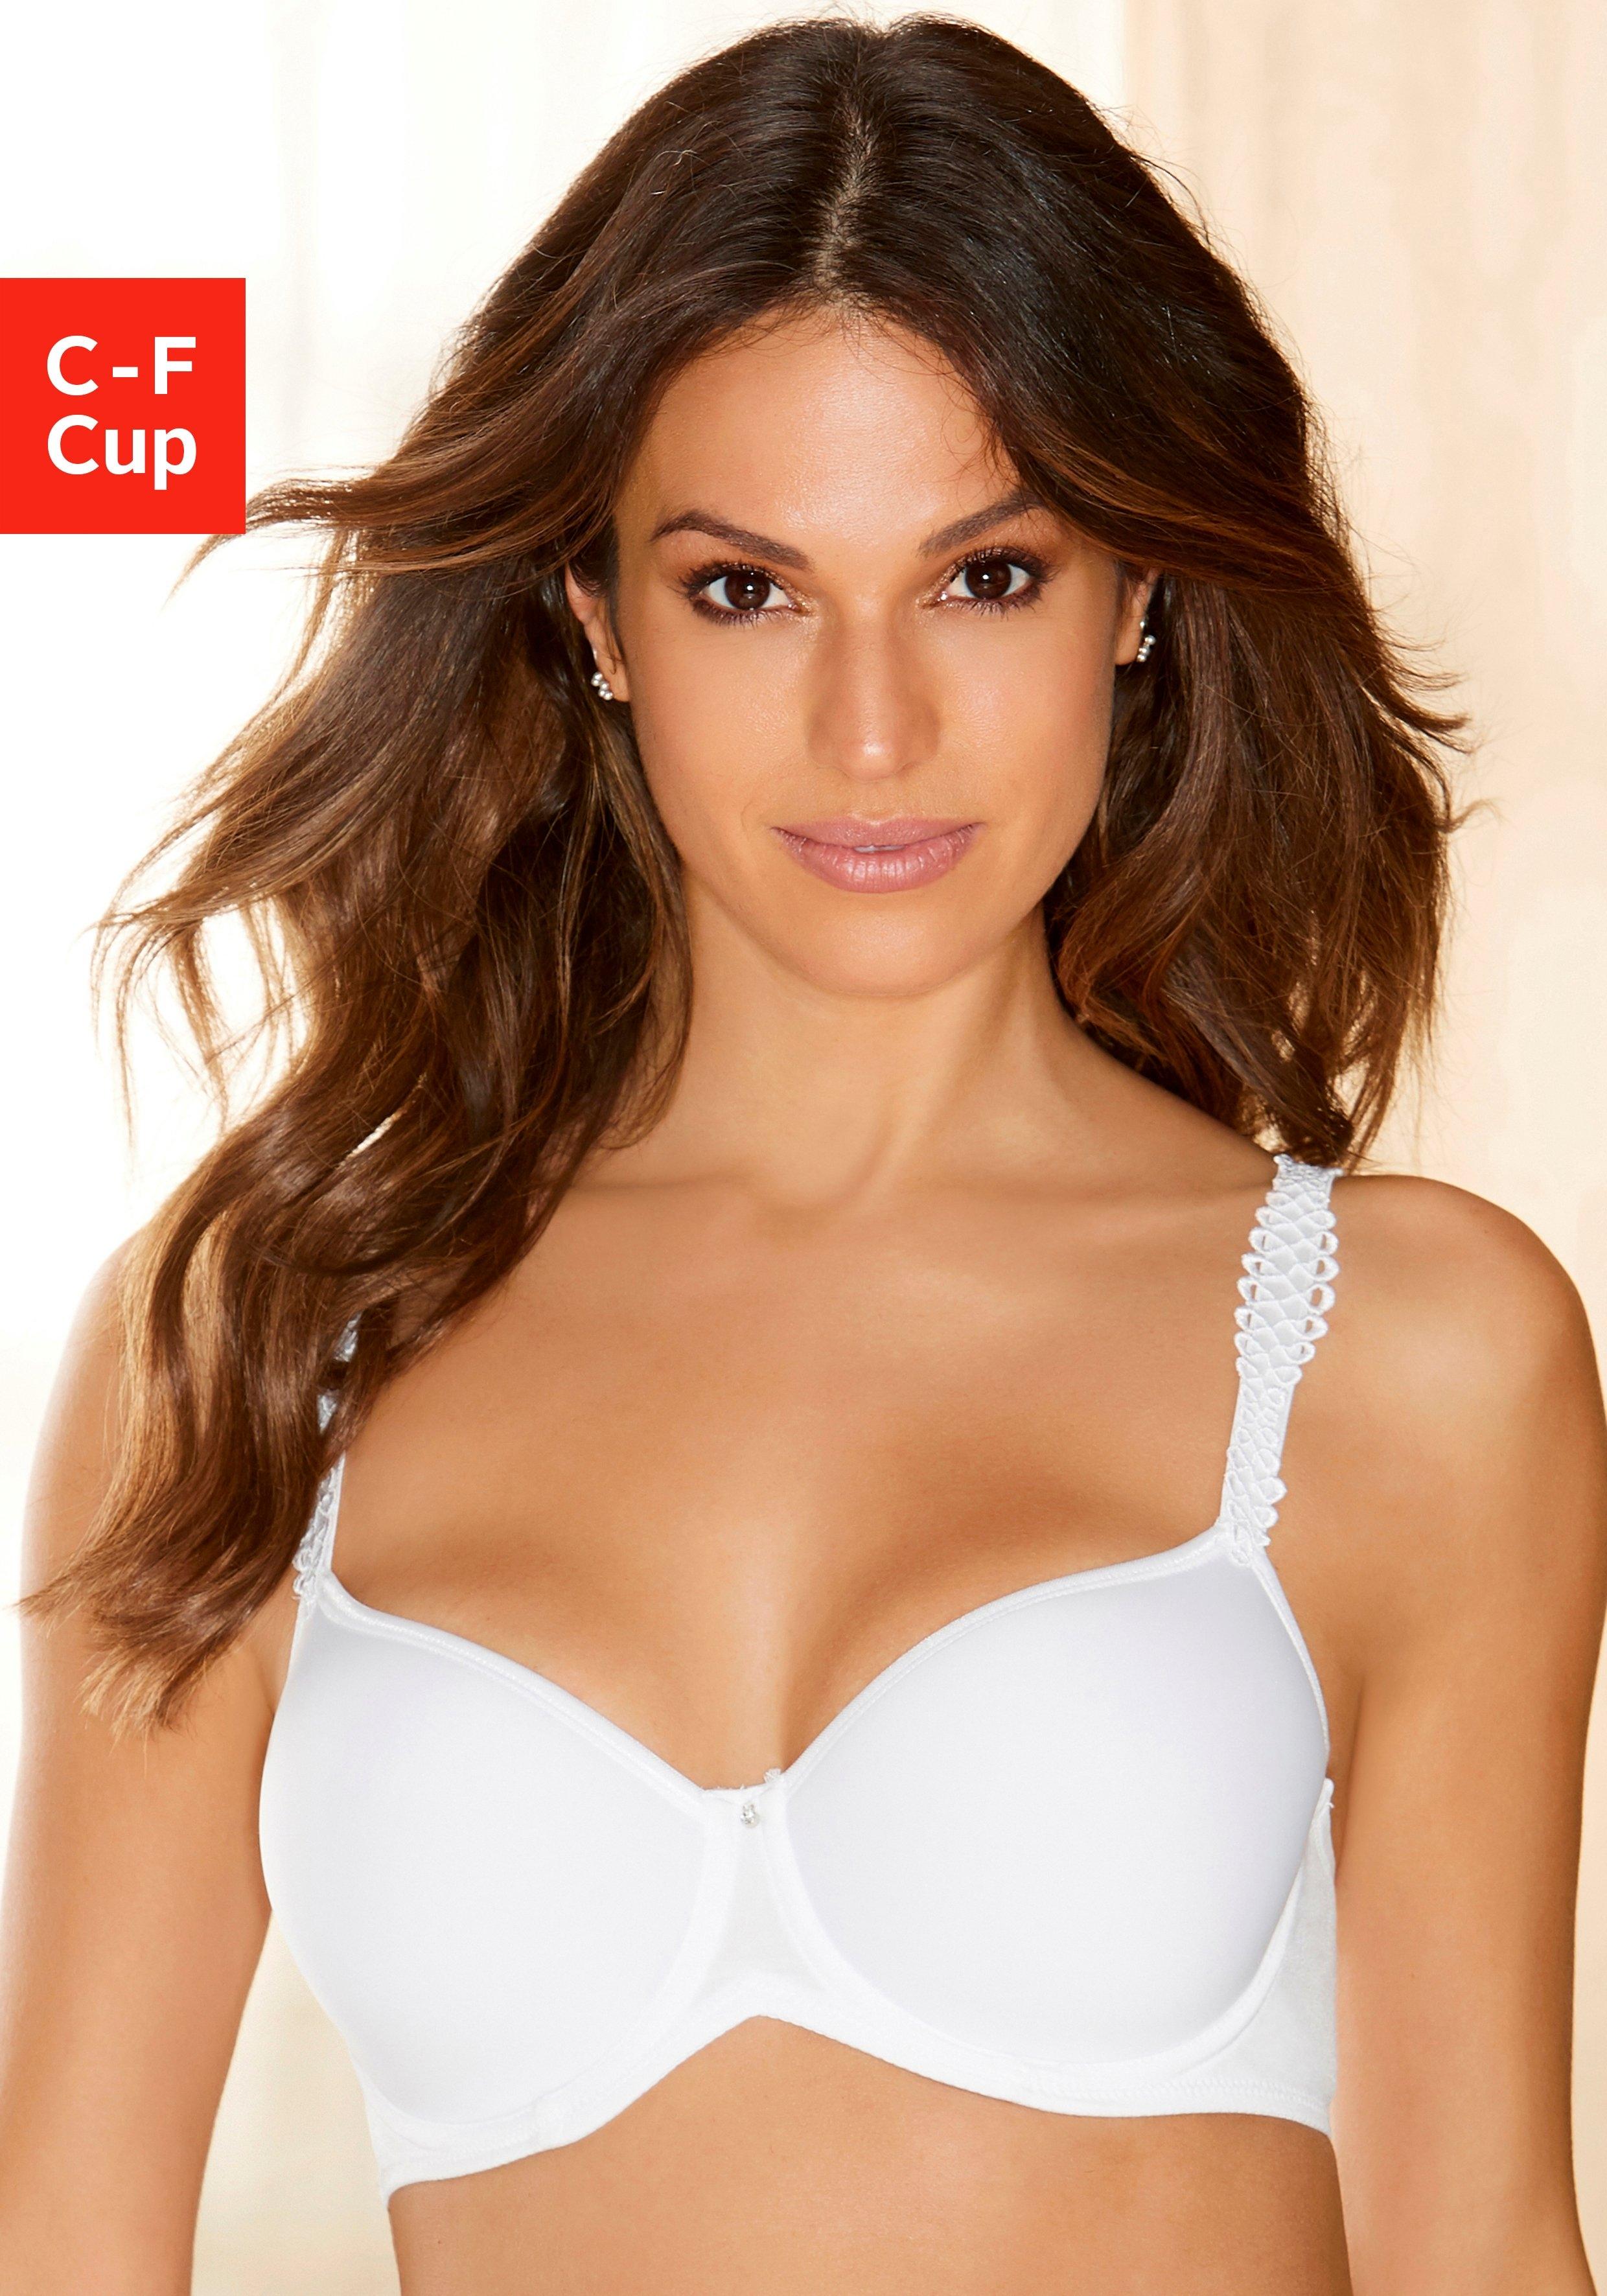 Viania bh met steuncups Sally met spacer-cups bij Lascana online kopen